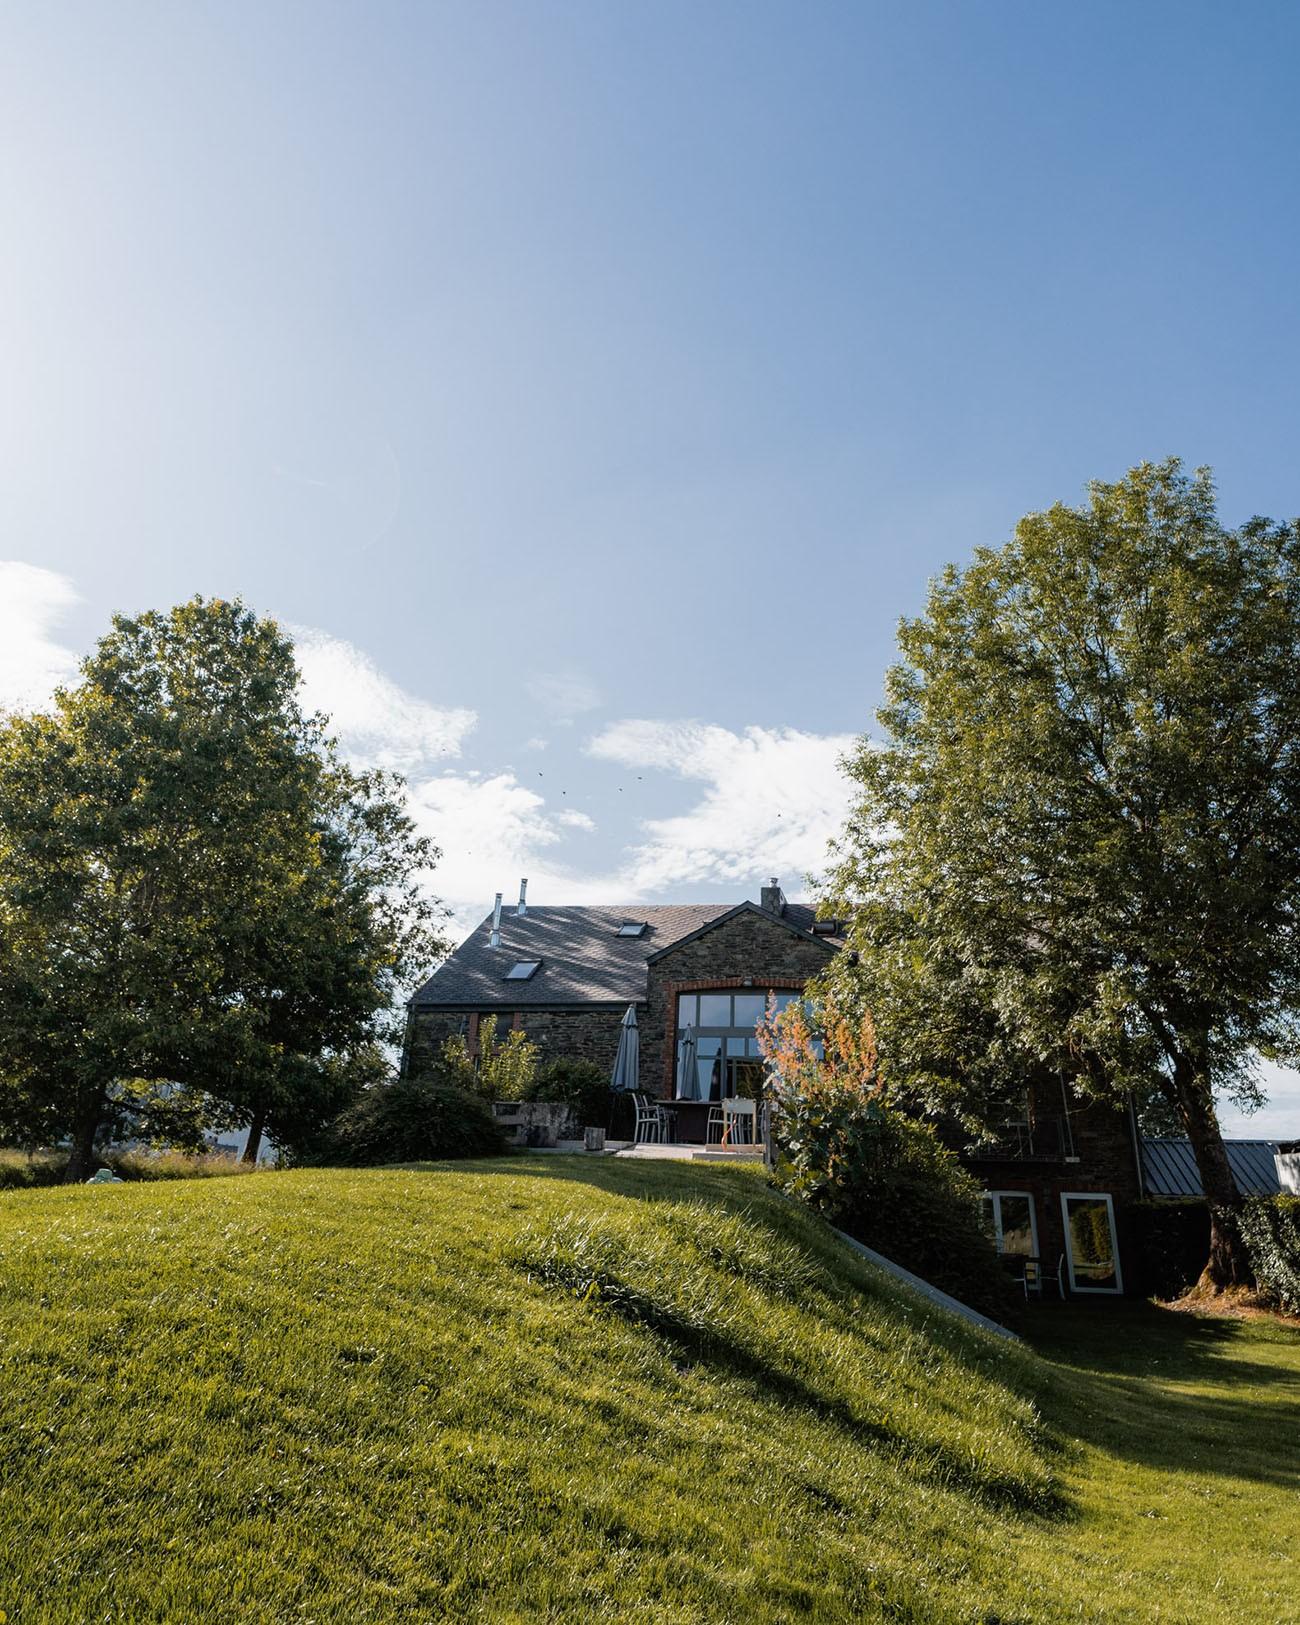 Vakantiehuis La Vilette met tuin in Buret, Houffalize